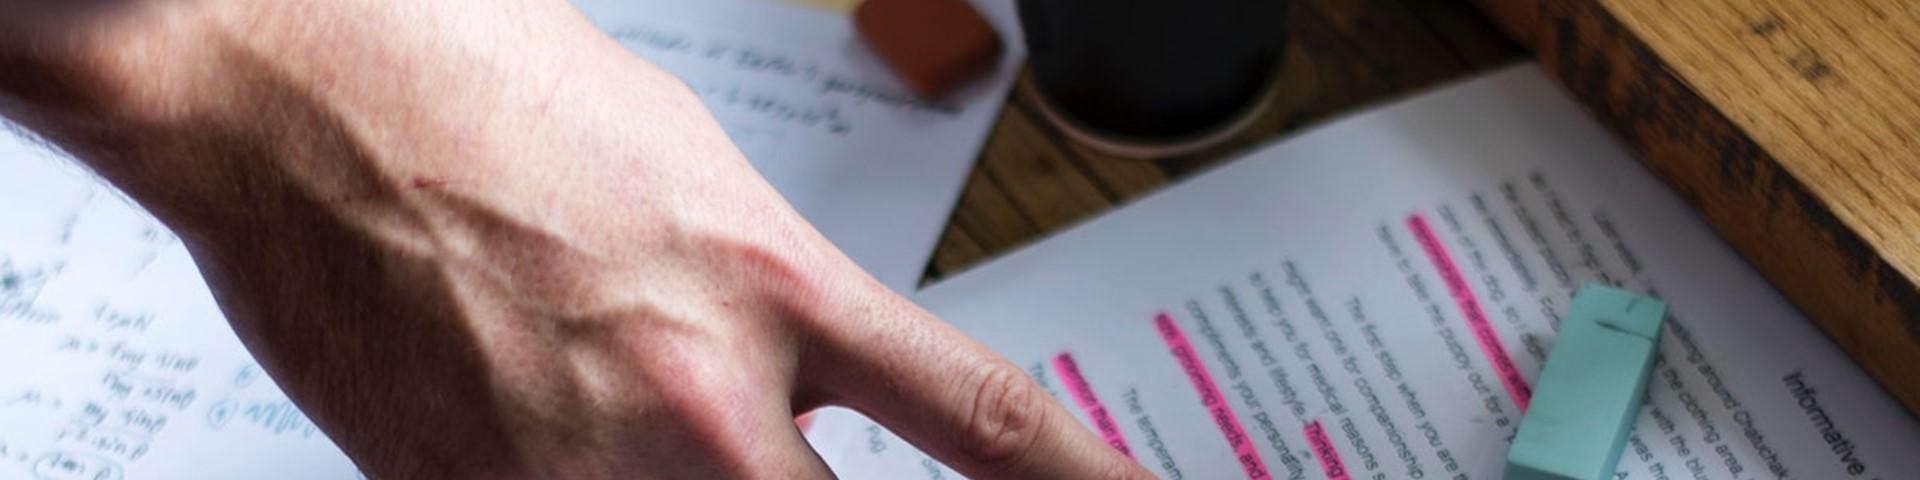 Escaneabilidade e SEO, como melhorar a experiência do leitor